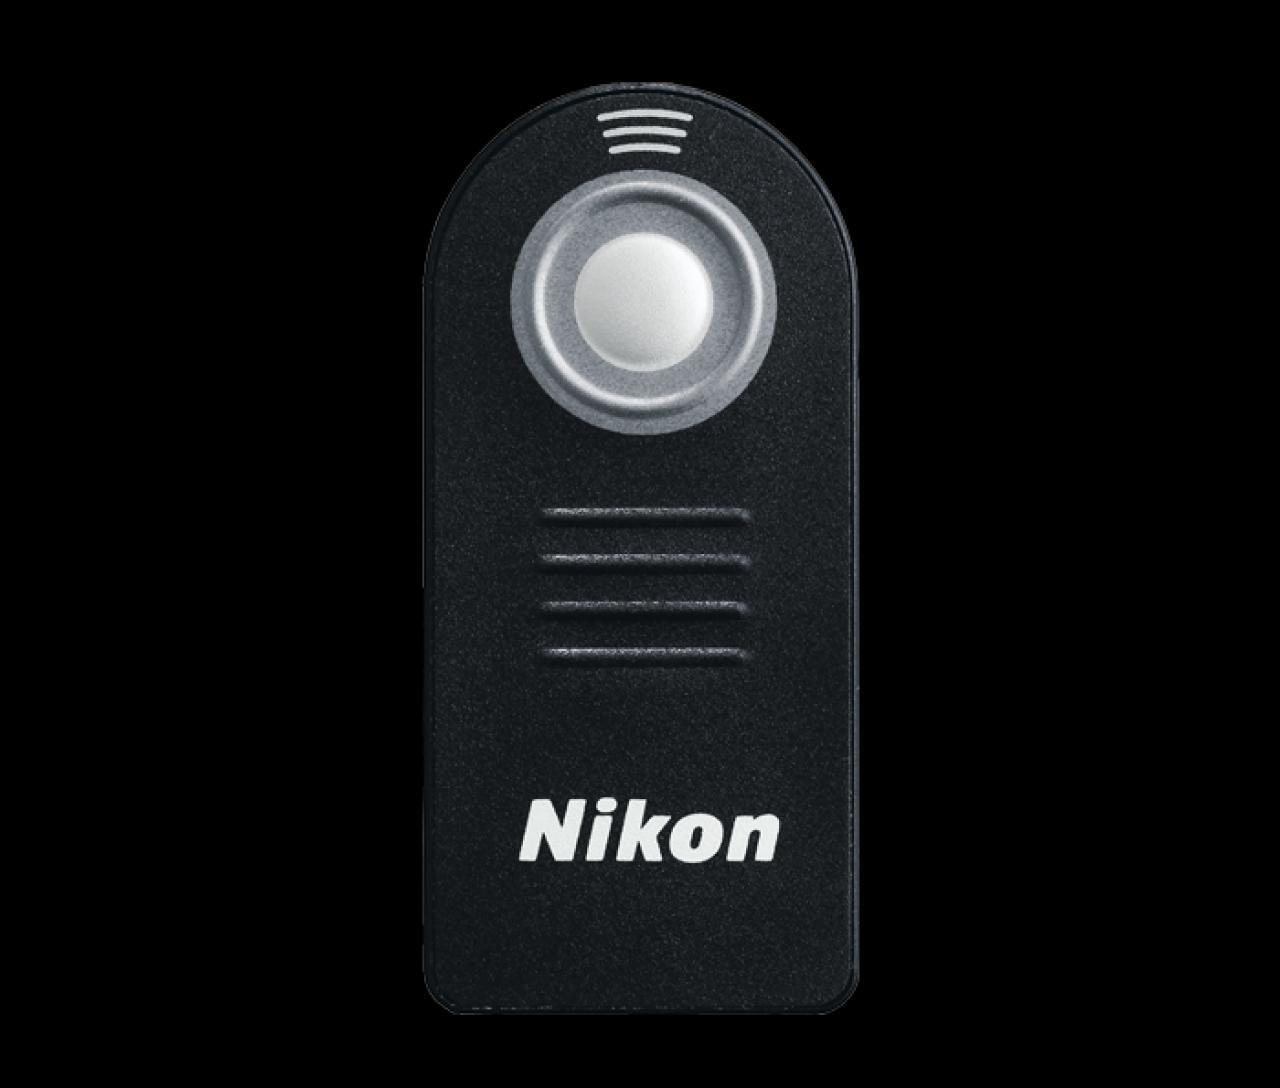 ریموت كنترل وایرلس نیكون Nikon ML-L3 Wireless Remote Control